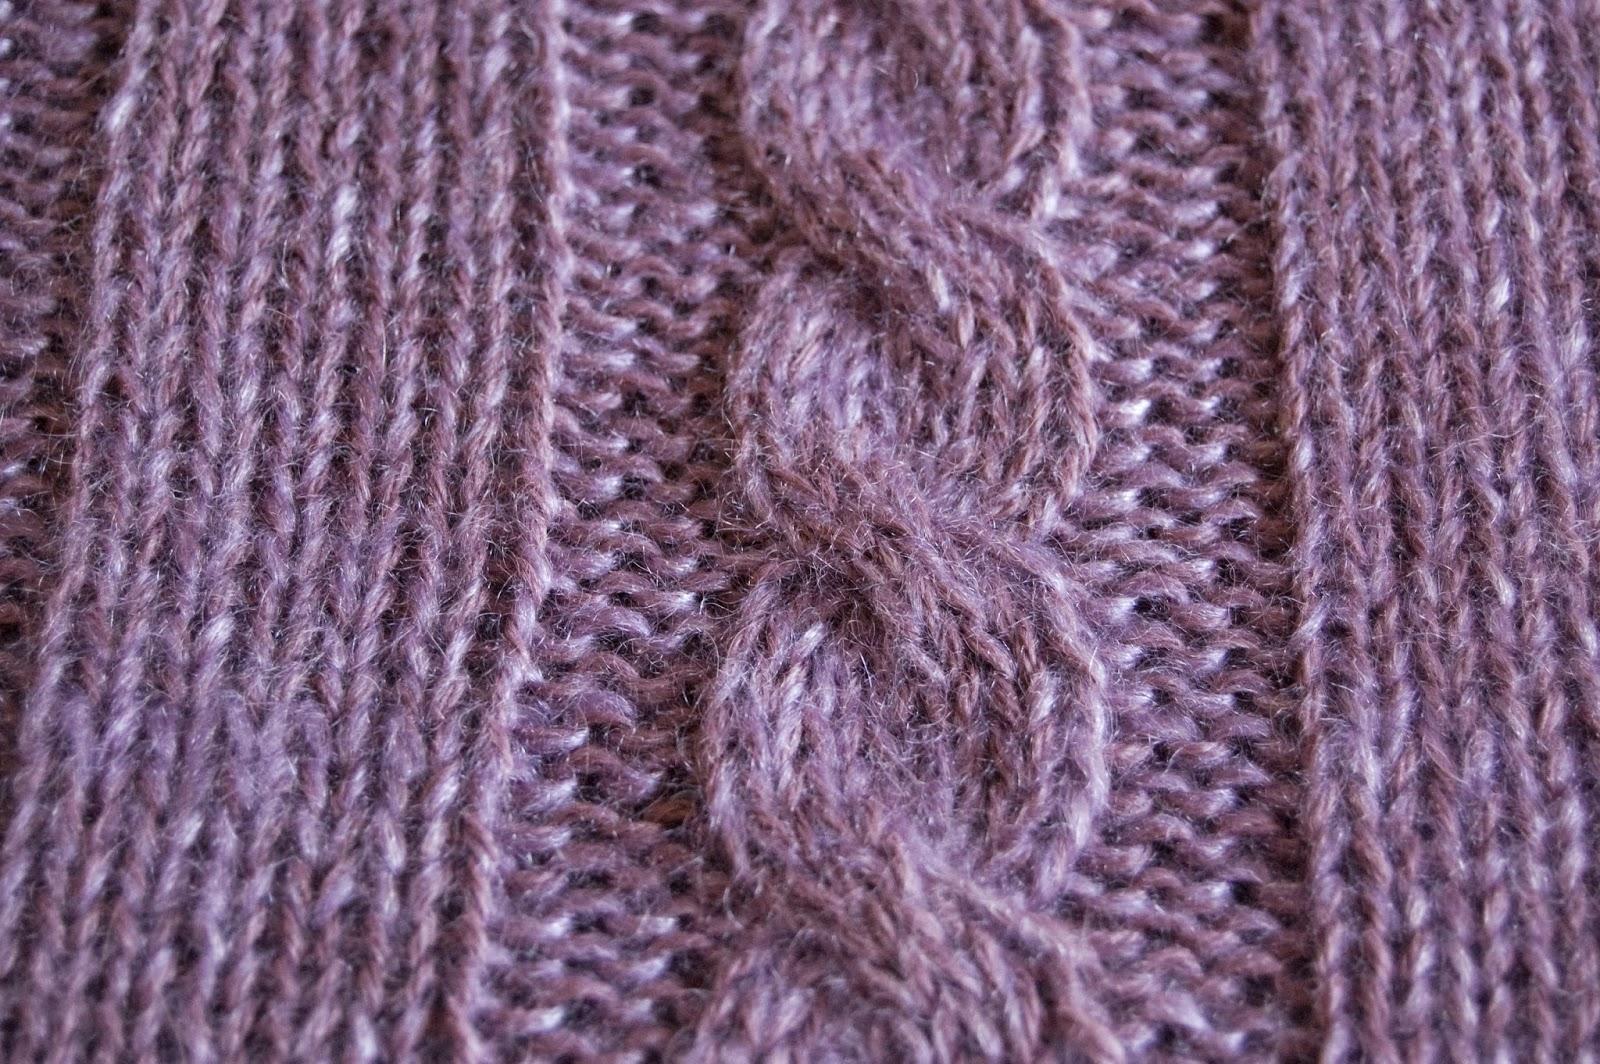 tricot-plaid-bébé-alpaga-muze-plassard-torsade